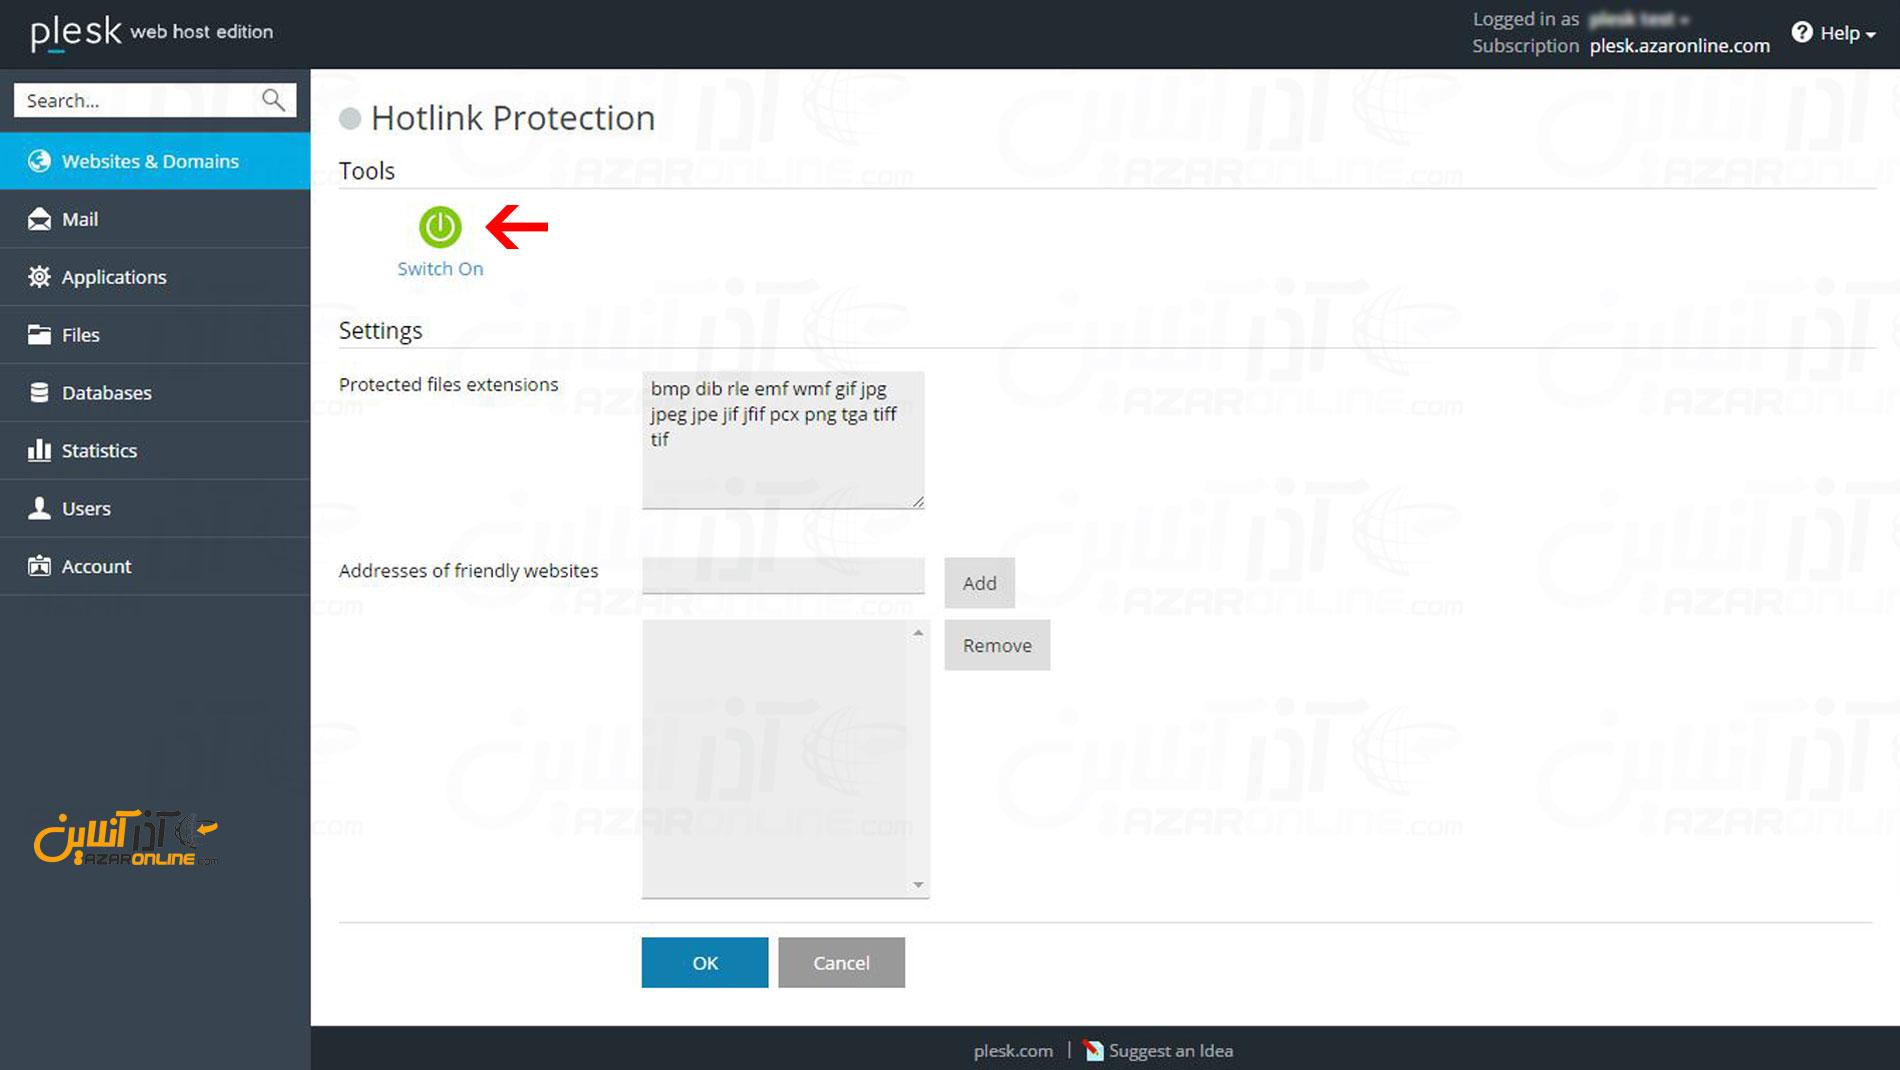 نحوه فعال سازی Hotlink Protection در هاست پلسک - توضیح Hotlink Protection